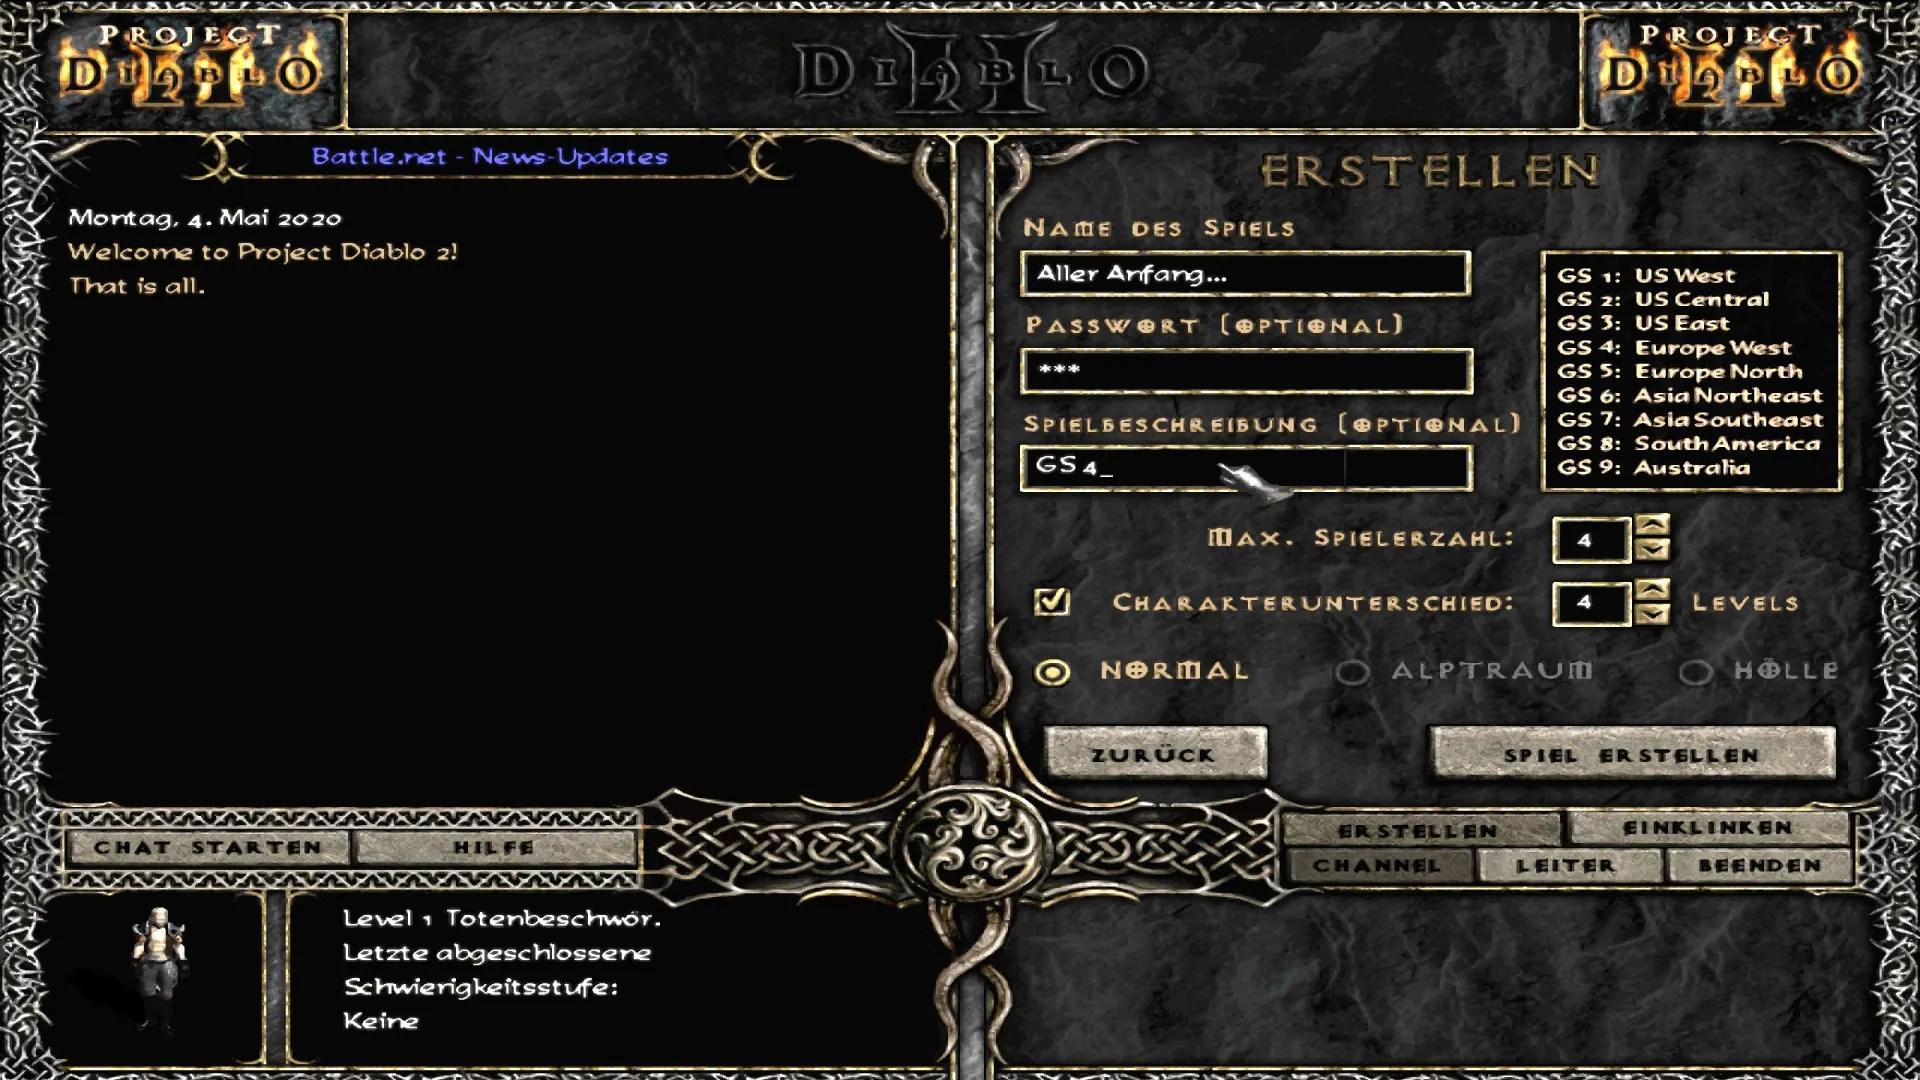 Project Diablo 2 - Spiel erstellen